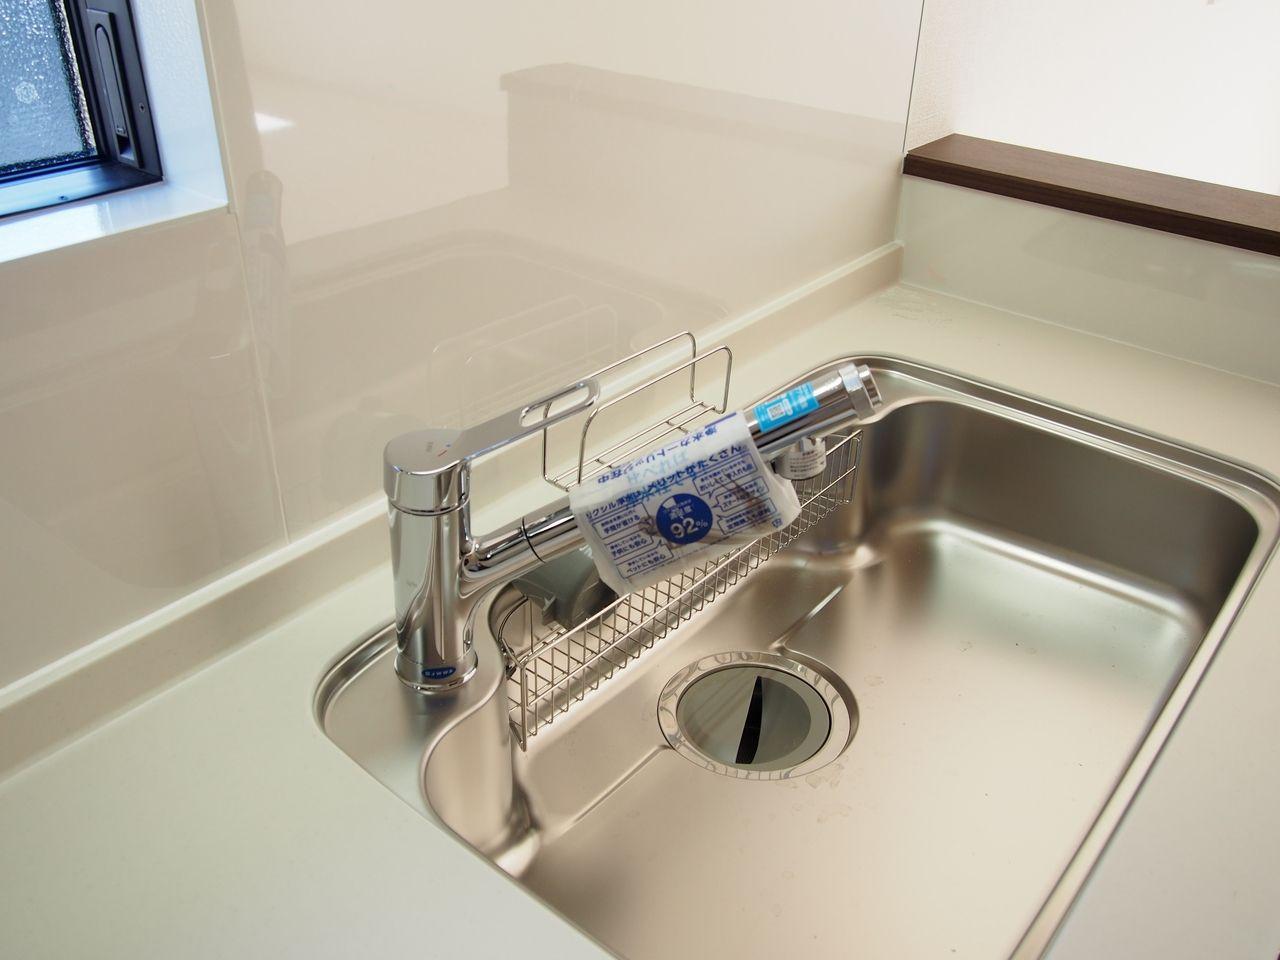 INAX 浄水器機能やシャワー、ホースも付いている多機能な水栓